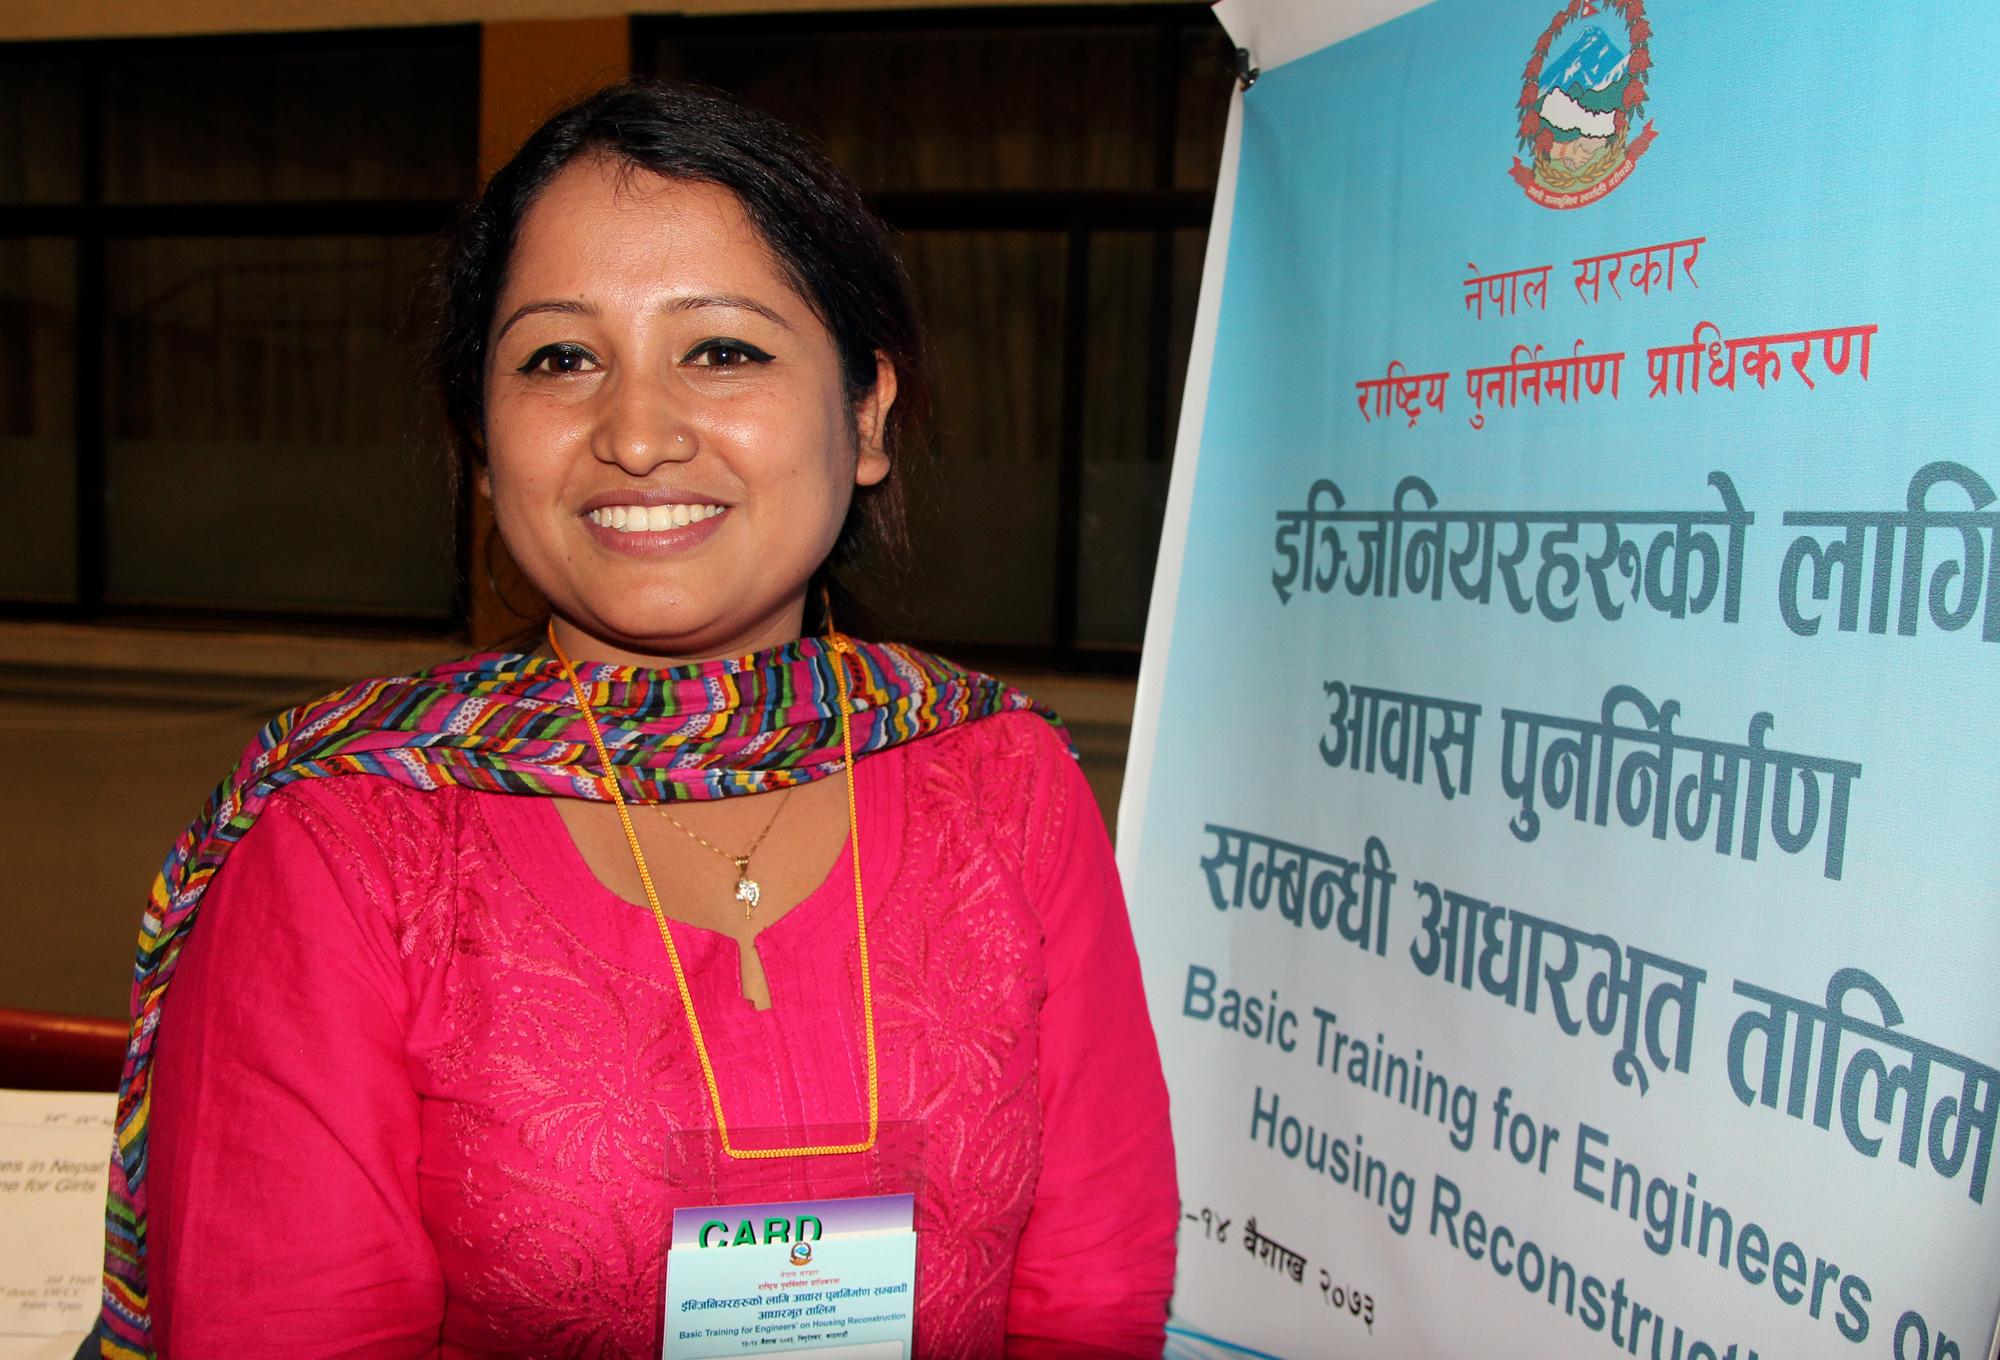 Engineer Manja Khadka, Kathmandu, Nepal